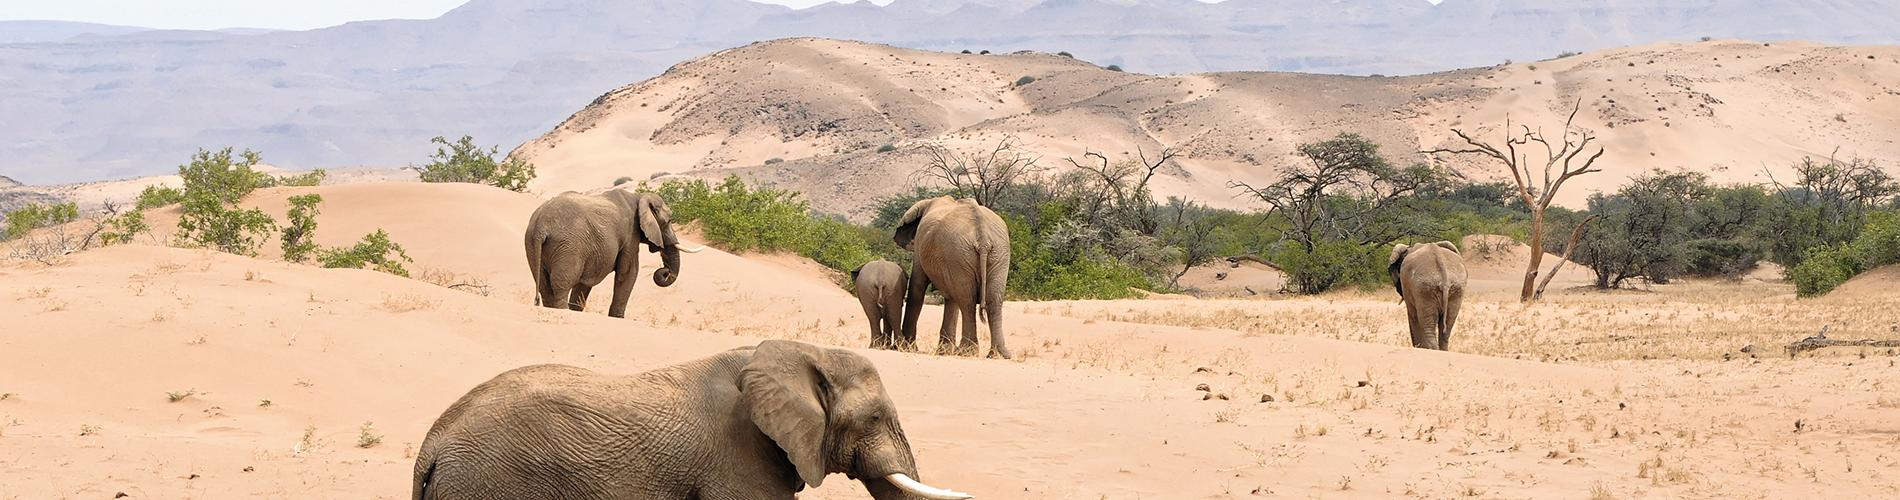 visite plaine africaine animaux liberte elephant